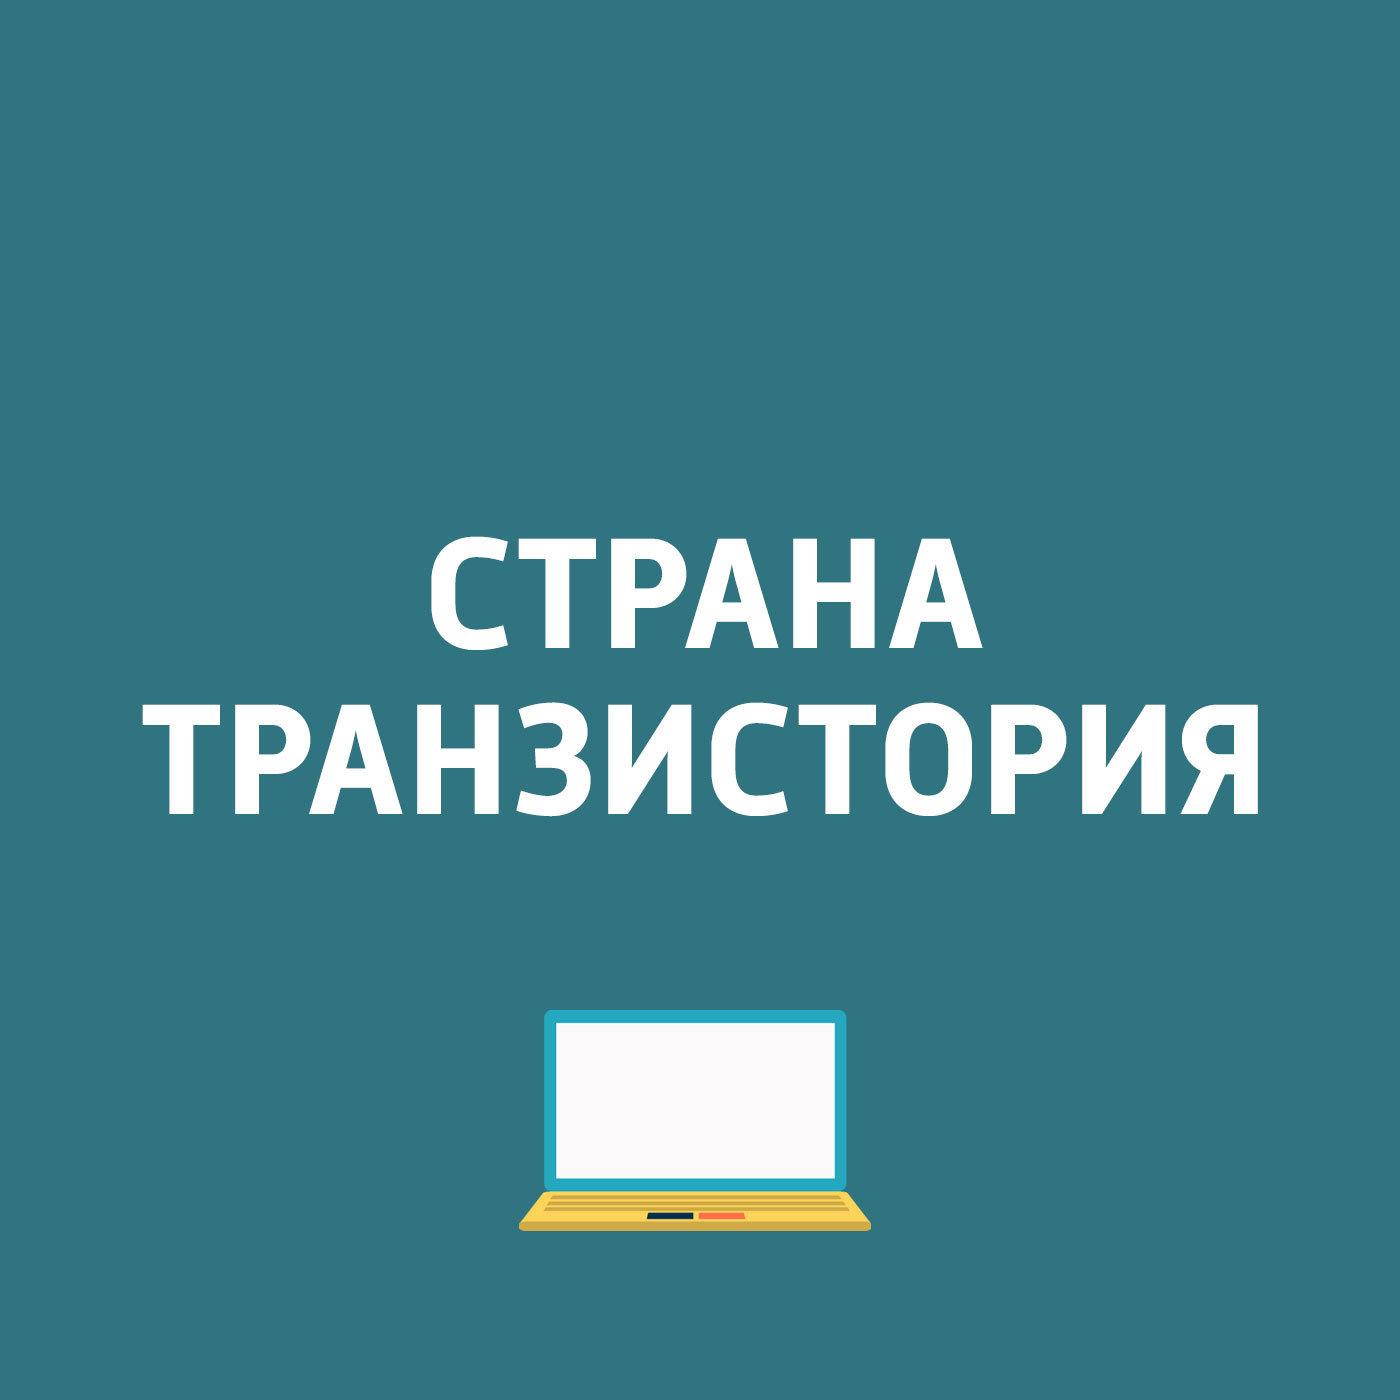 Картаев Павел В Госдуме предложили налог для блогеров